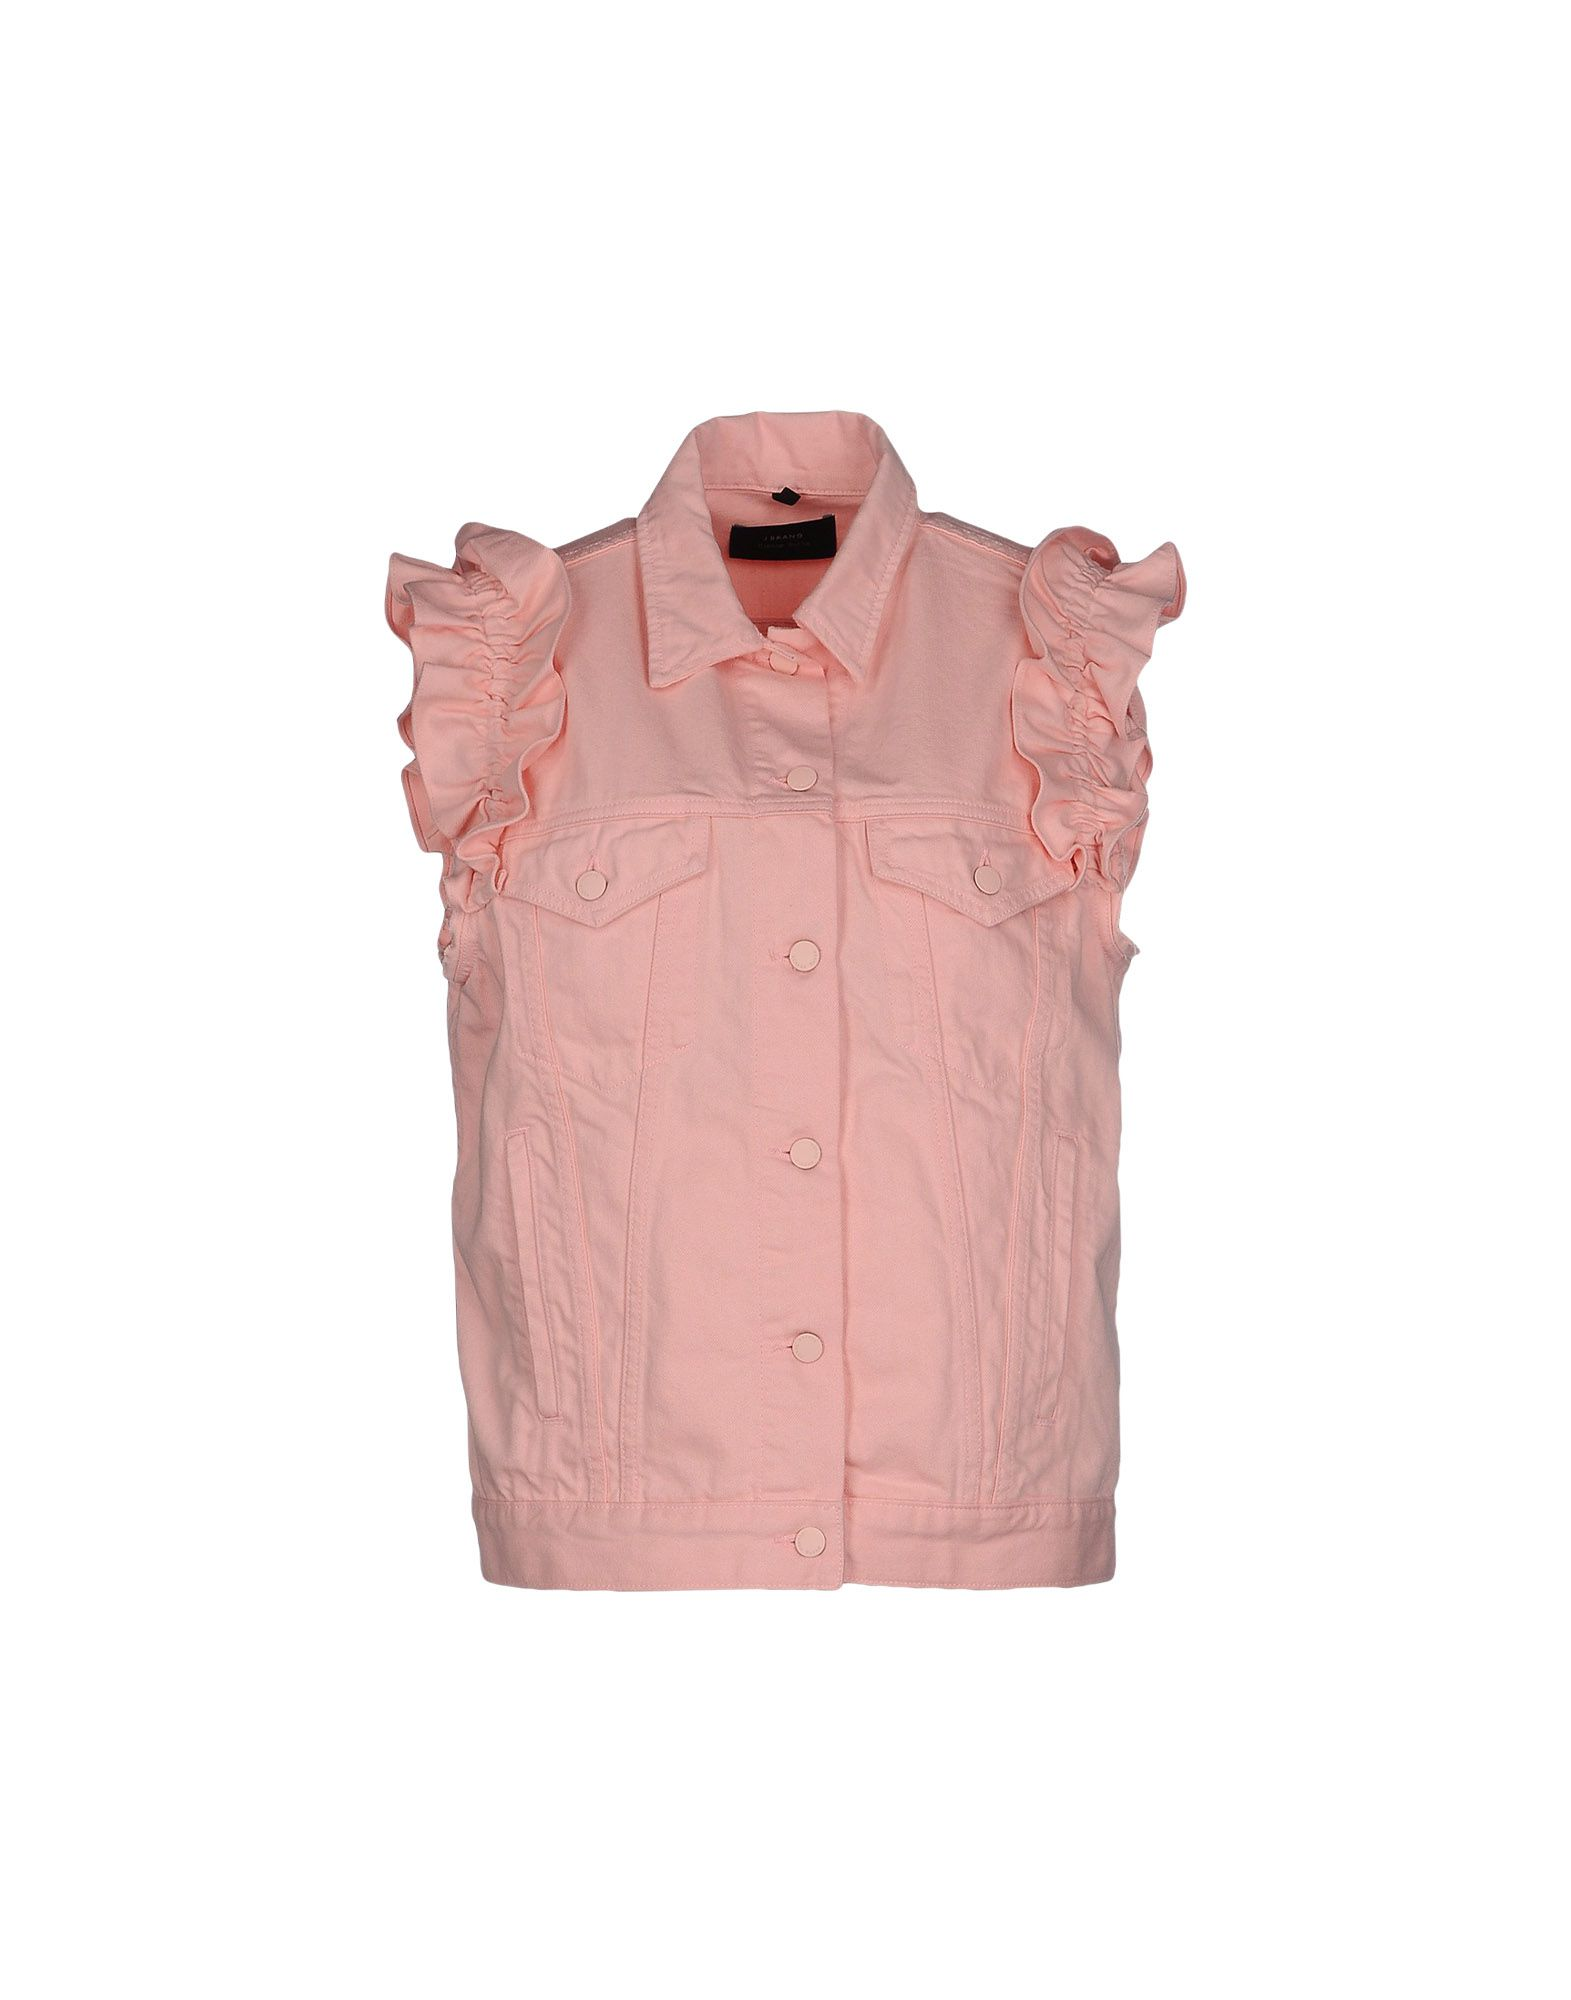 SIMONE ROCHA X J BRAND Denim Jacket in Pink